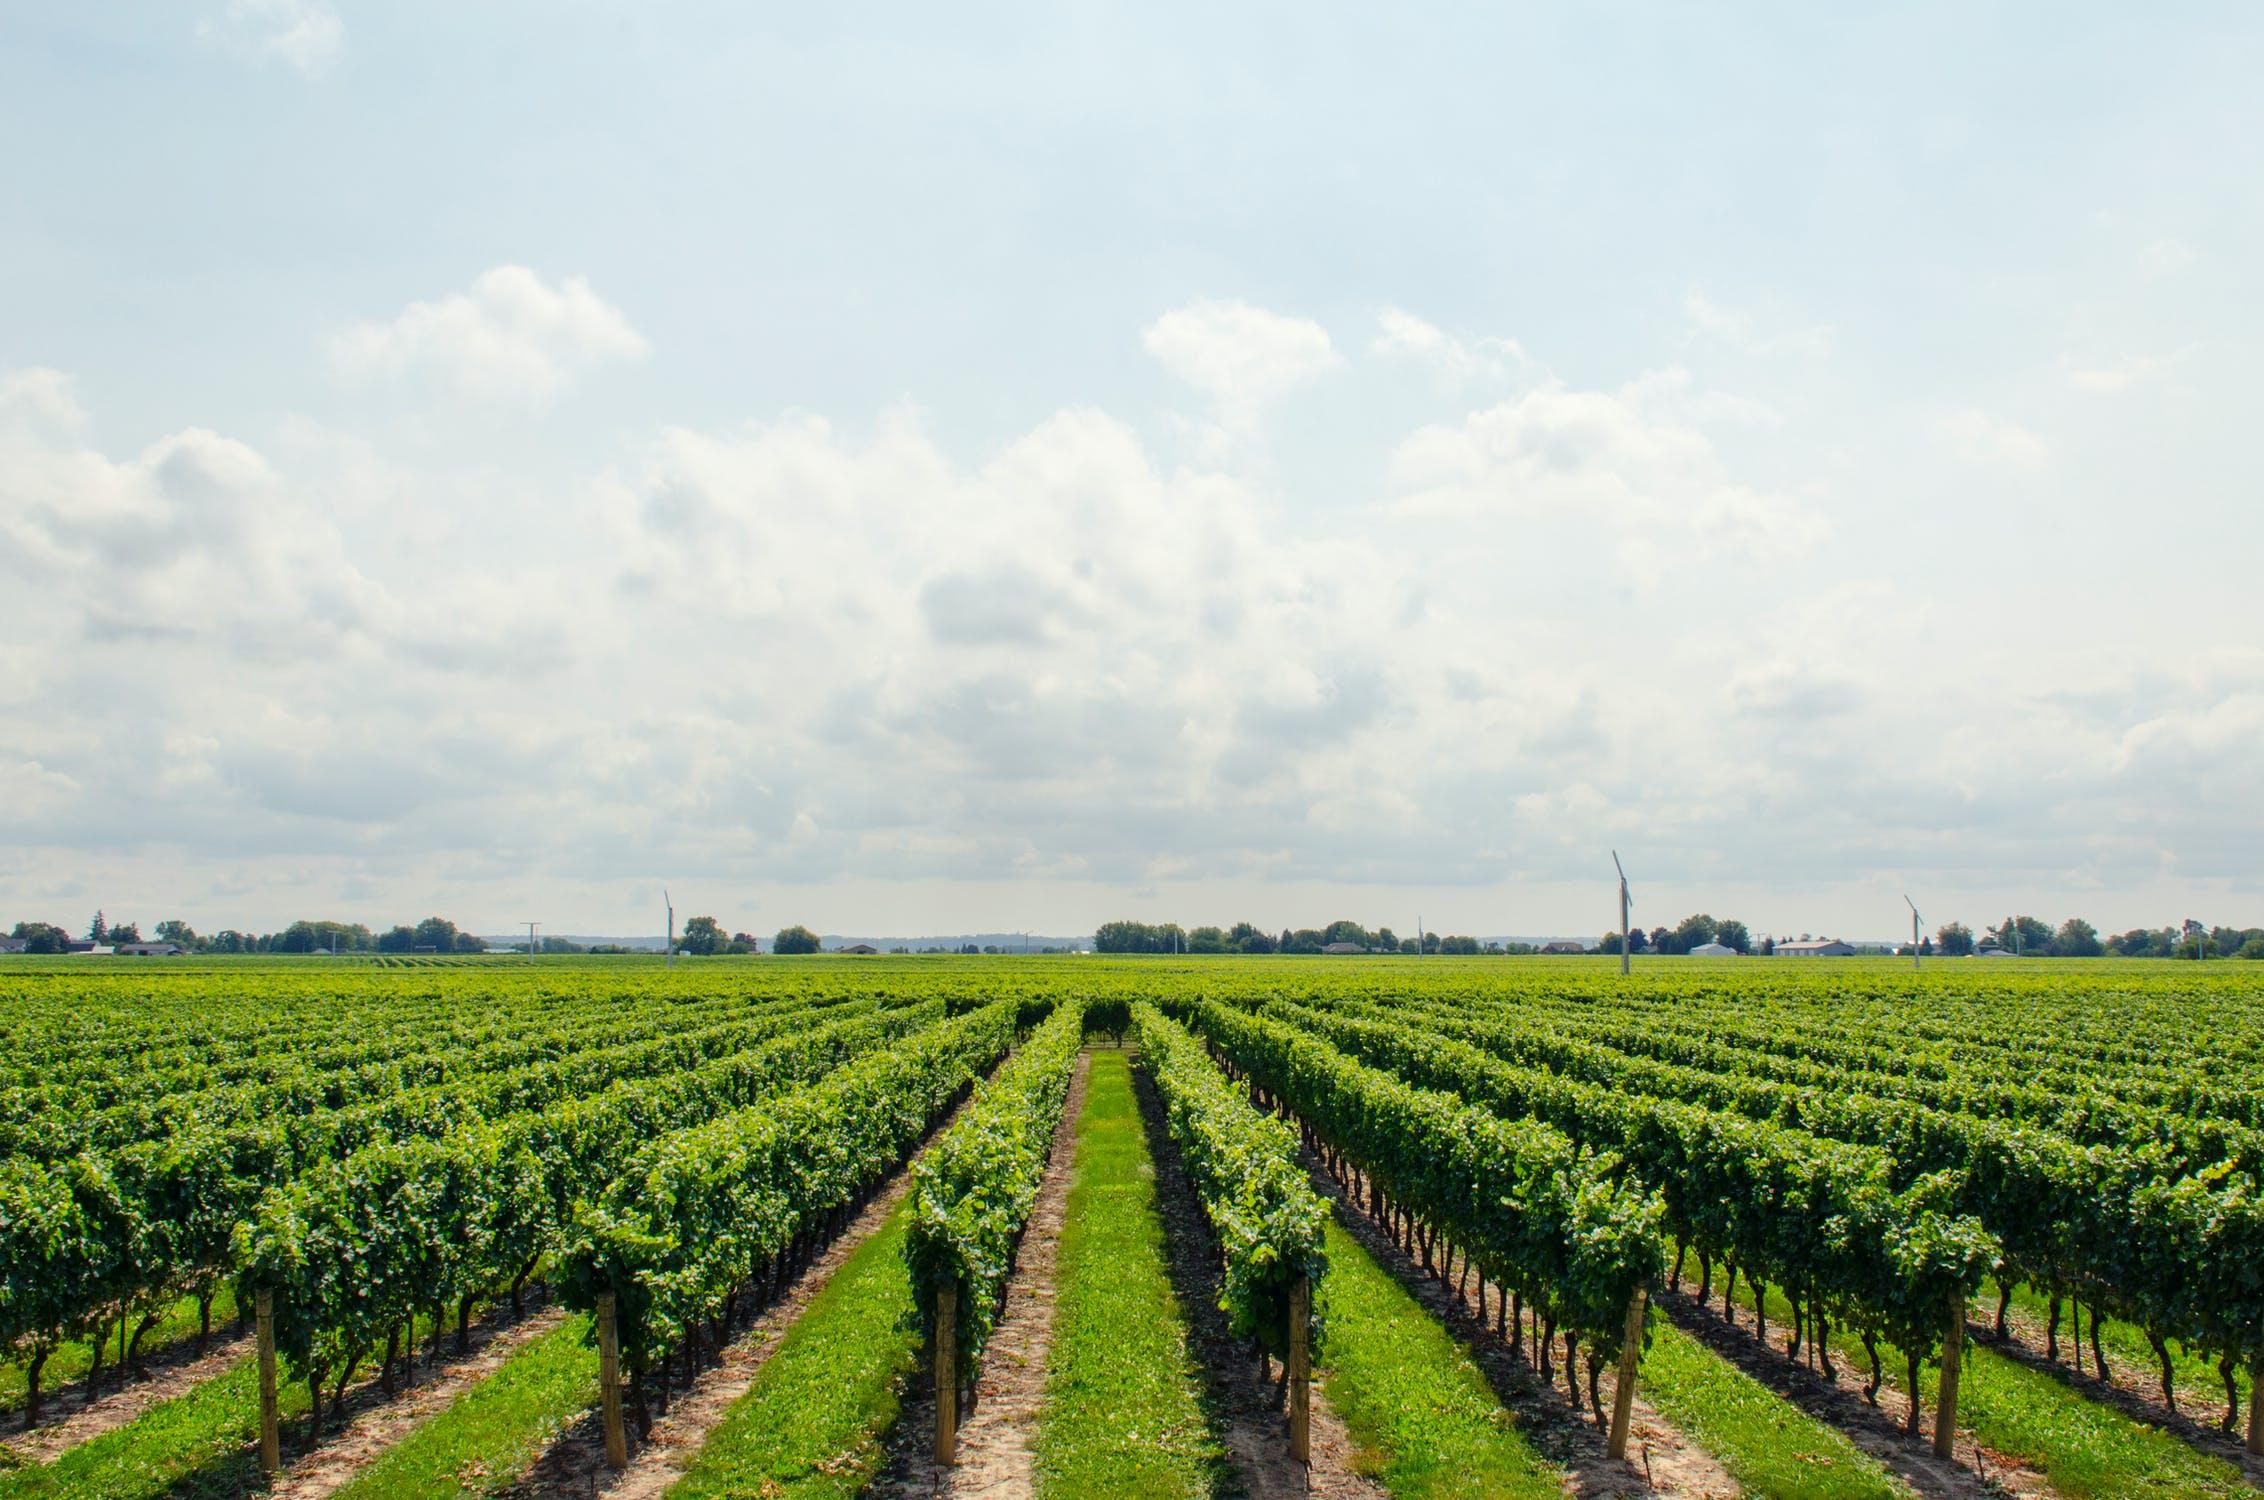 winery copywriting